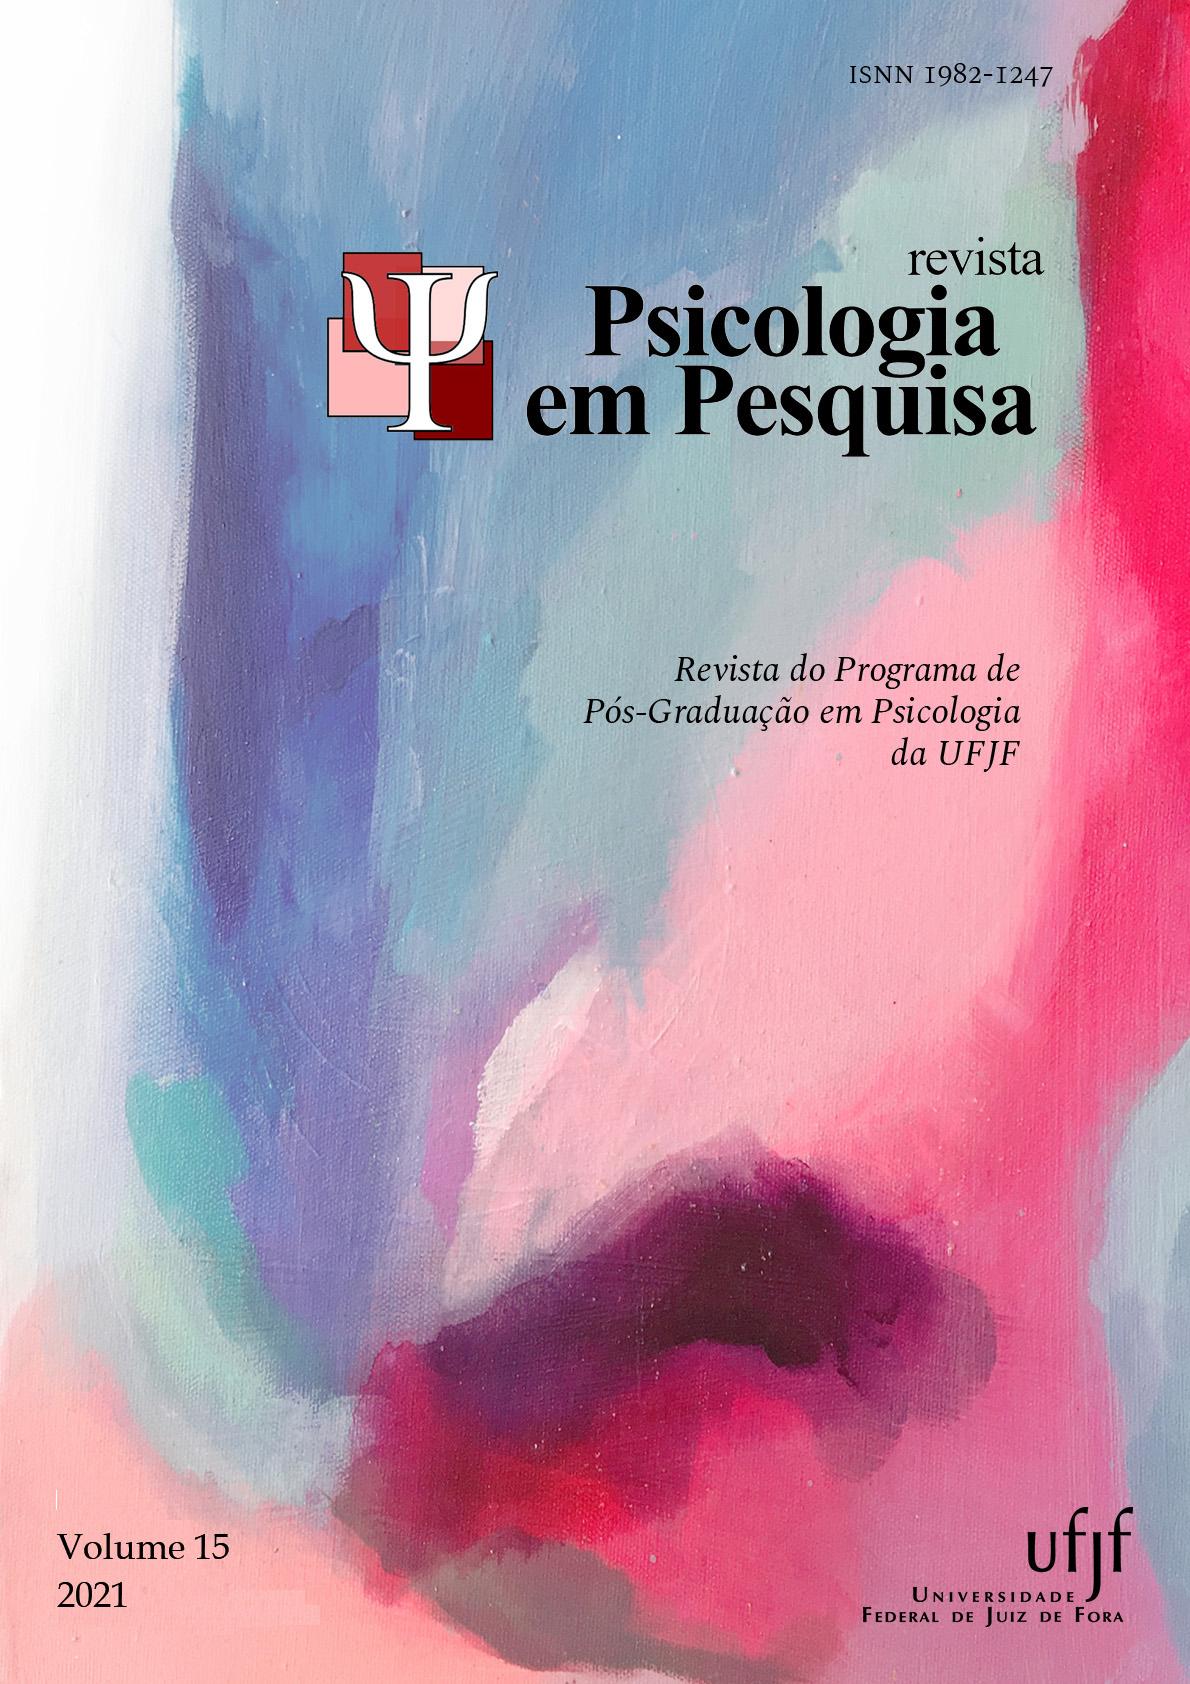 Visualizar v. 15 n. 3 (2021): Revista Psicologia em Pesquisa